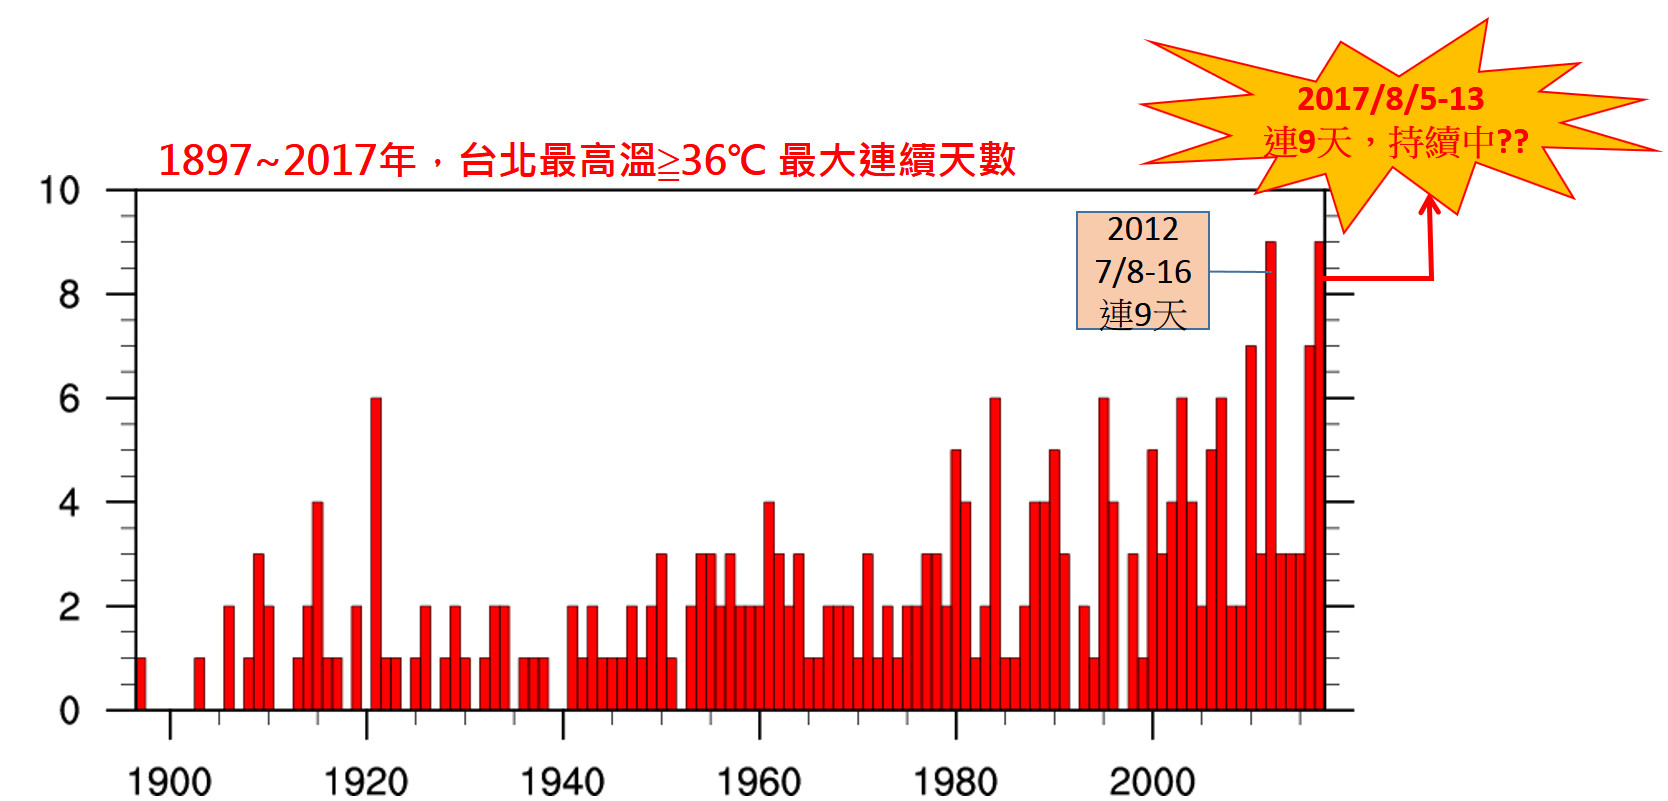 ▲未來還有機會仍是持續高溫天氣,再破紀錄。(圖/翻攝自報氣候 - 中央氣象局粉專)